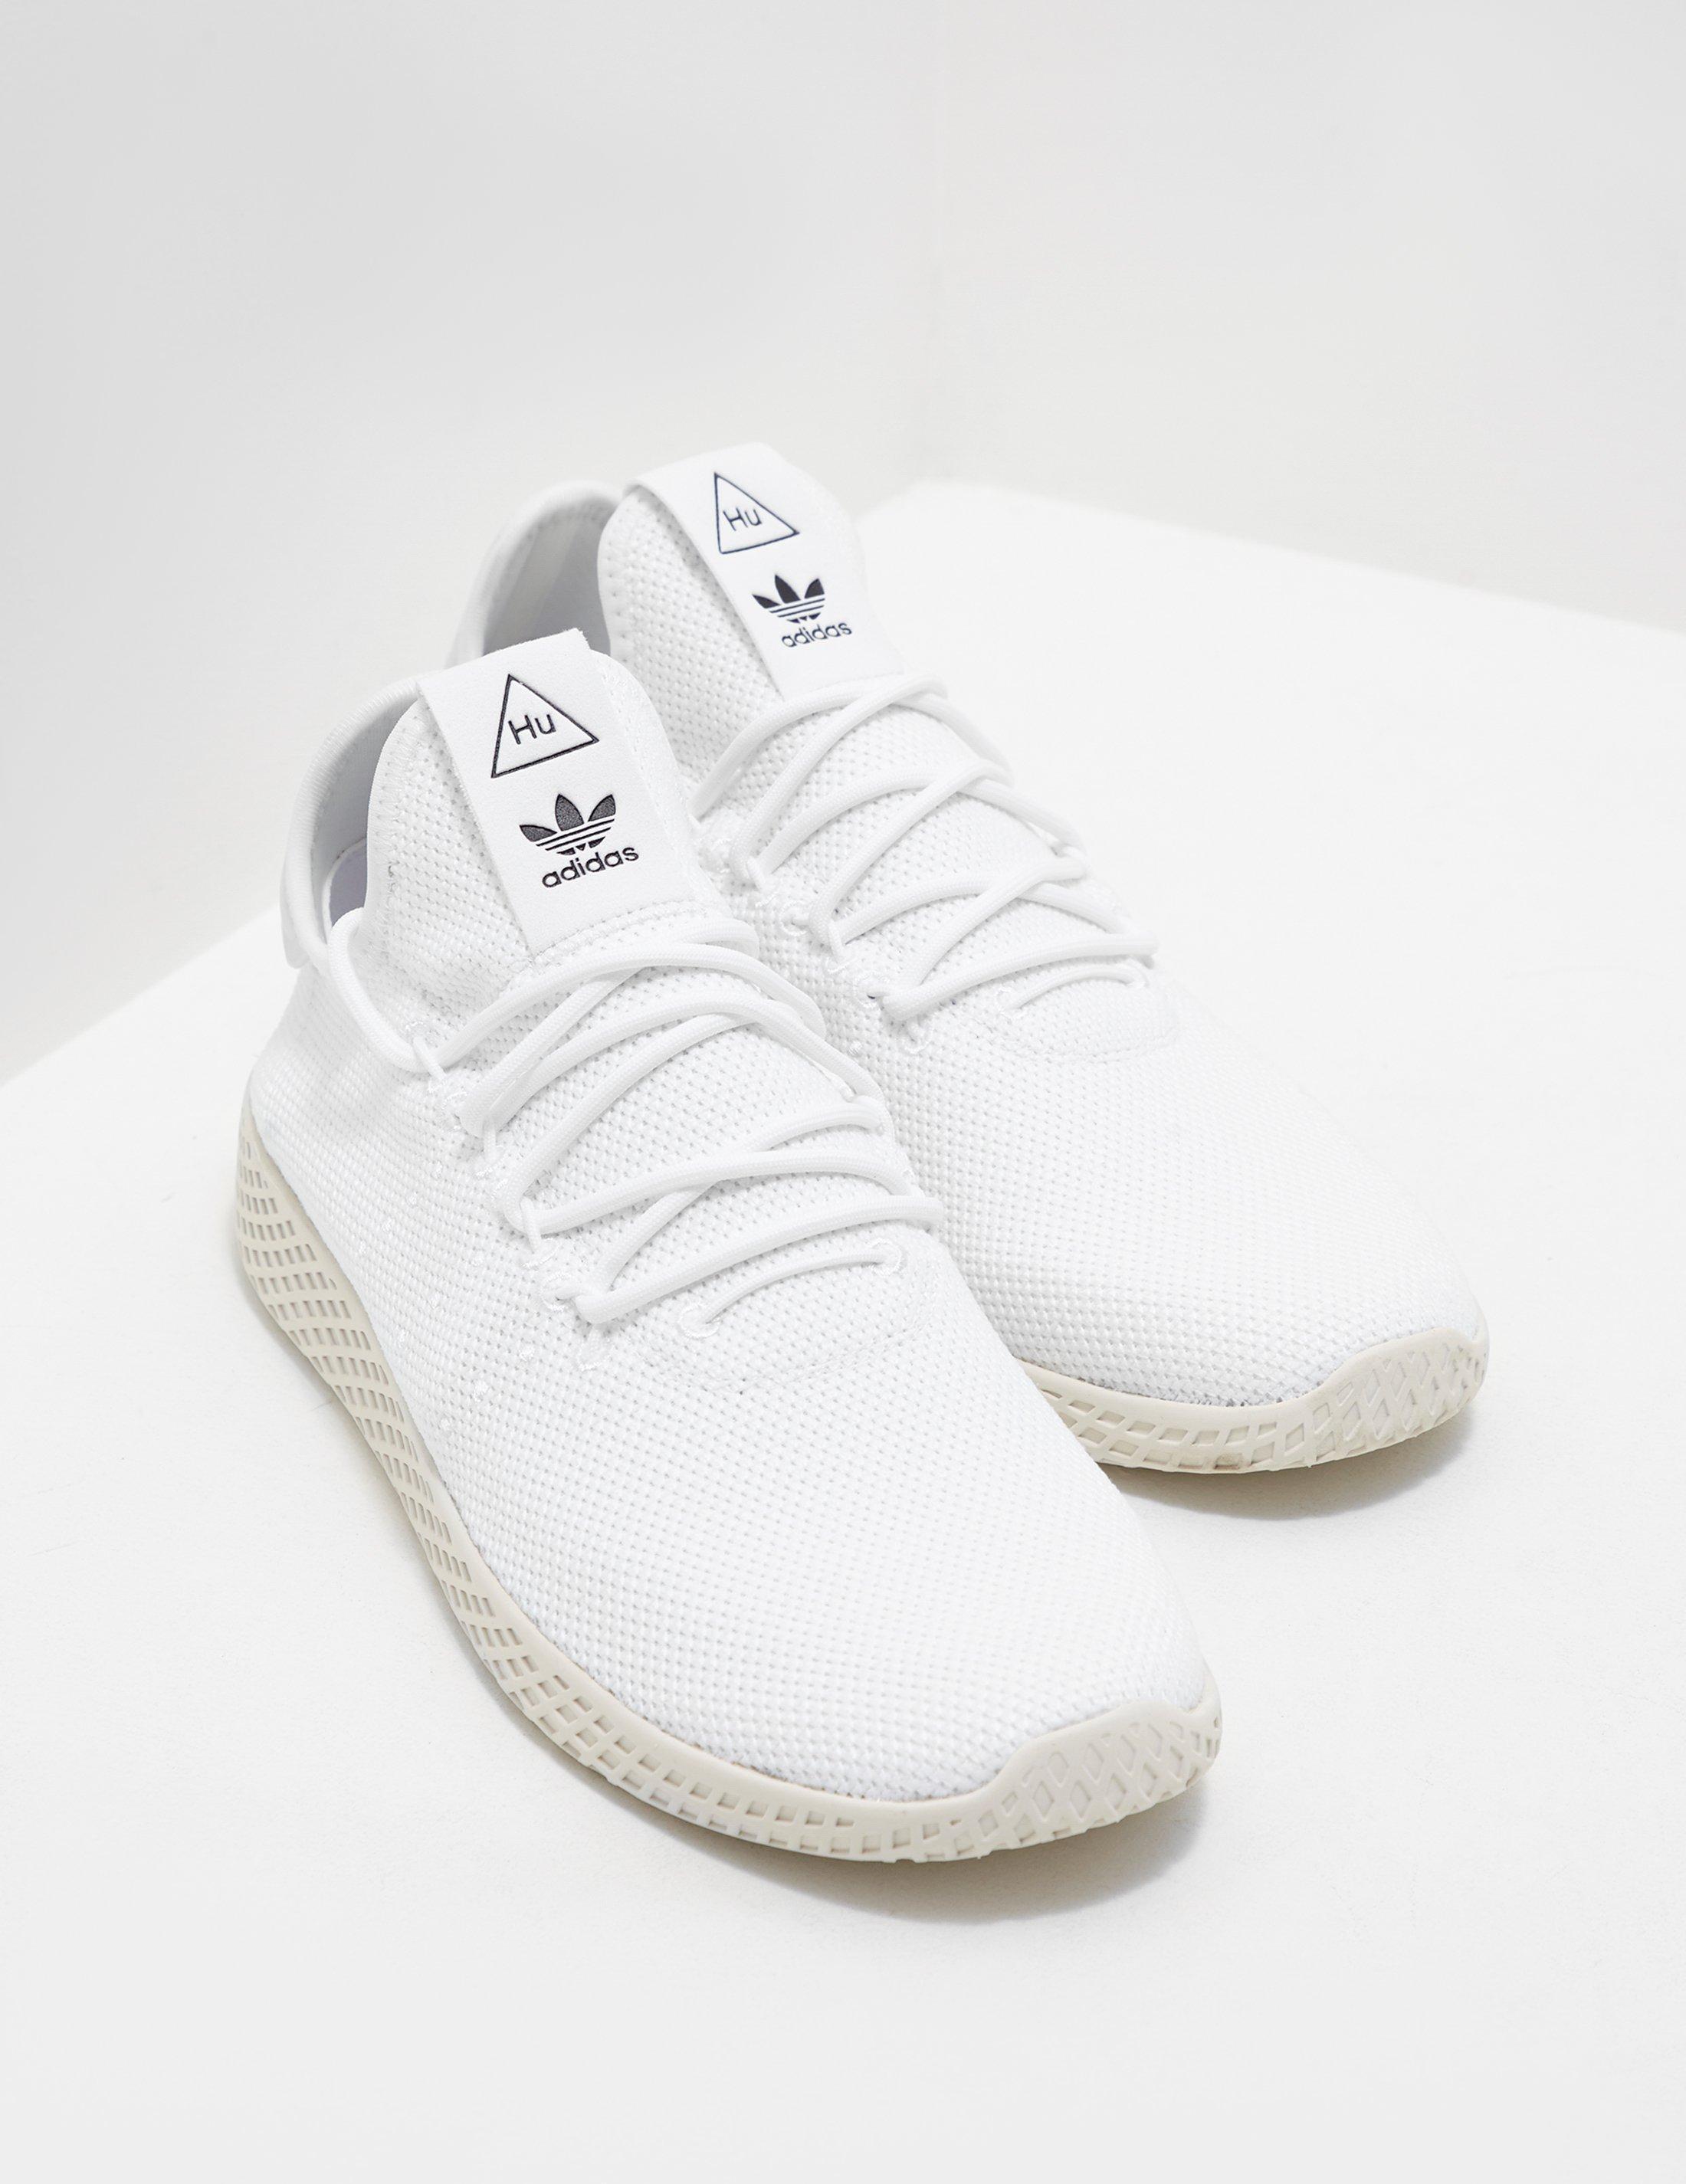 9ebeb442e090e adidas Originals X Pharrell Williams in White for Men - Lyst